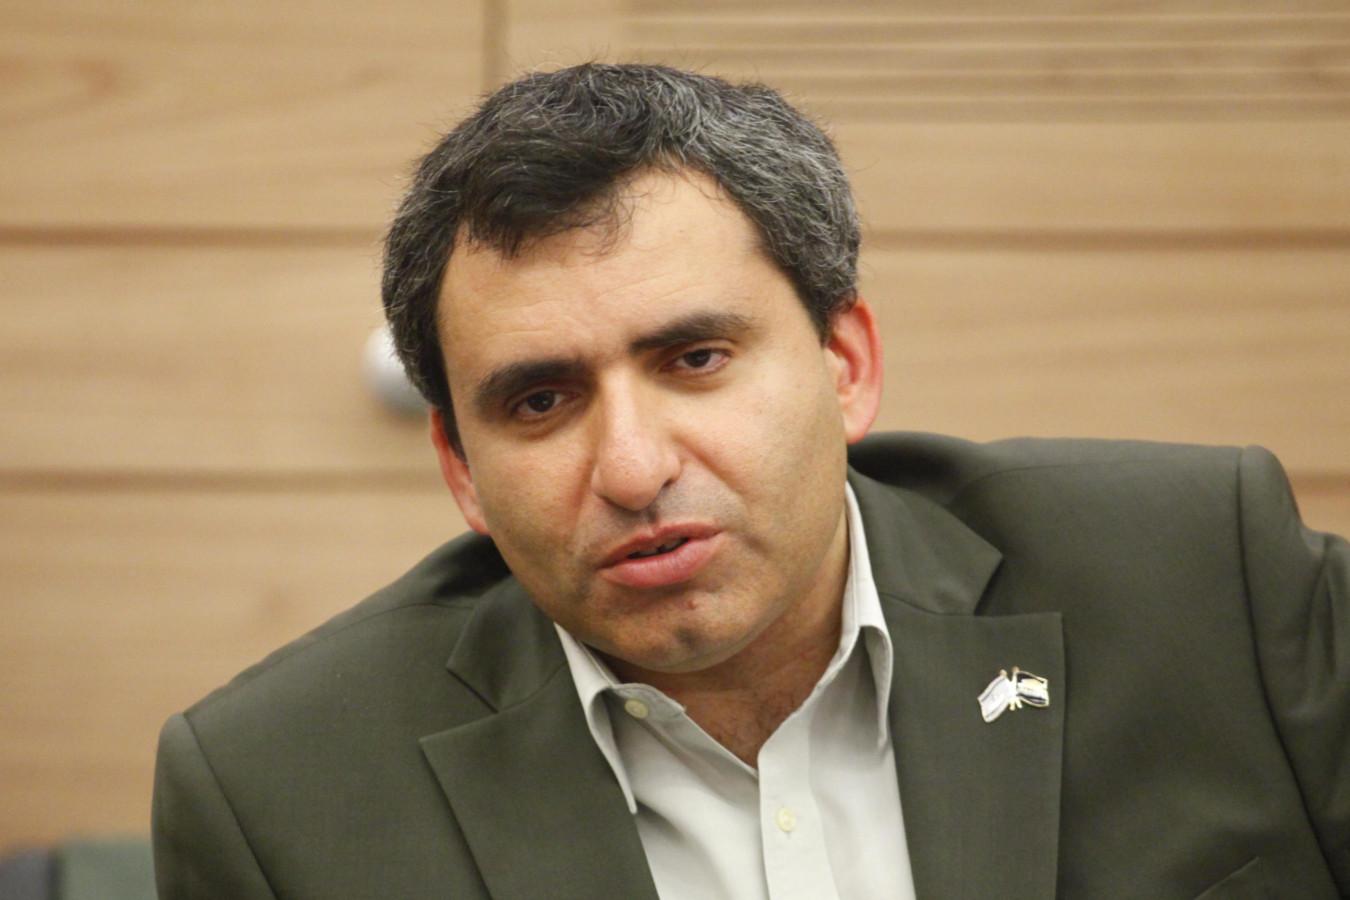 الحكومة الإسرائيلية تناقش اقتراح قانون أساس يهودية الدولة الأسبوع القادم